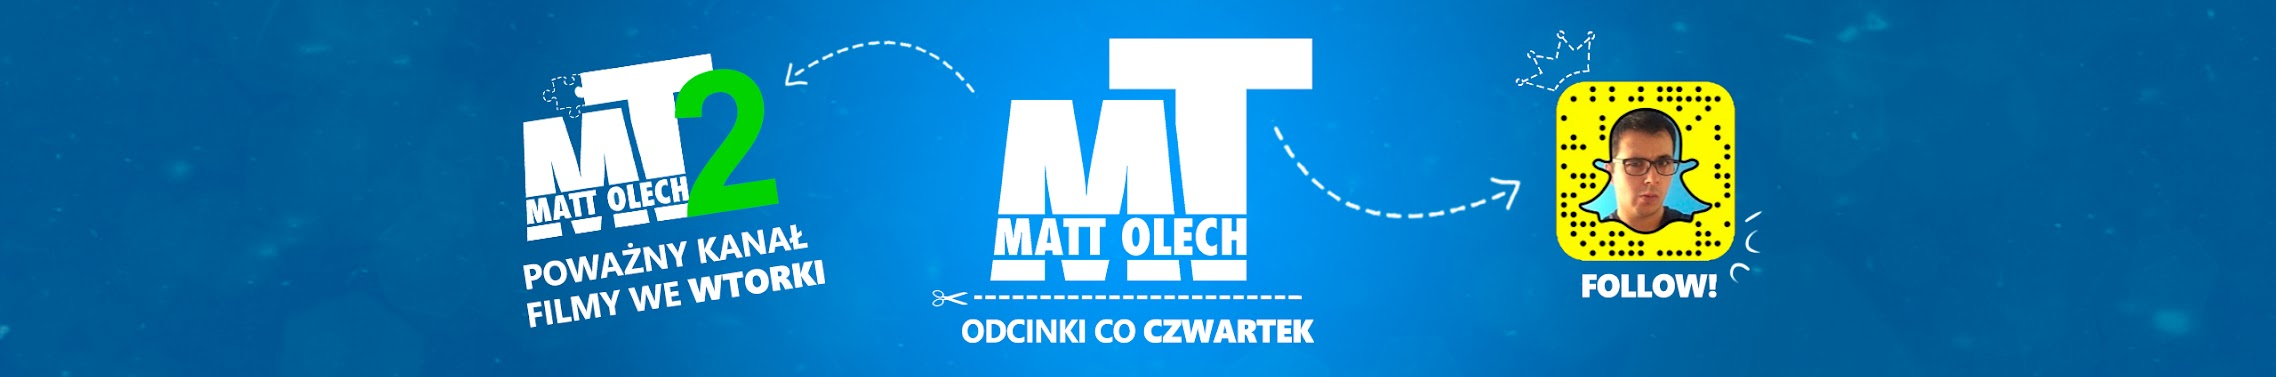 Matt Olech